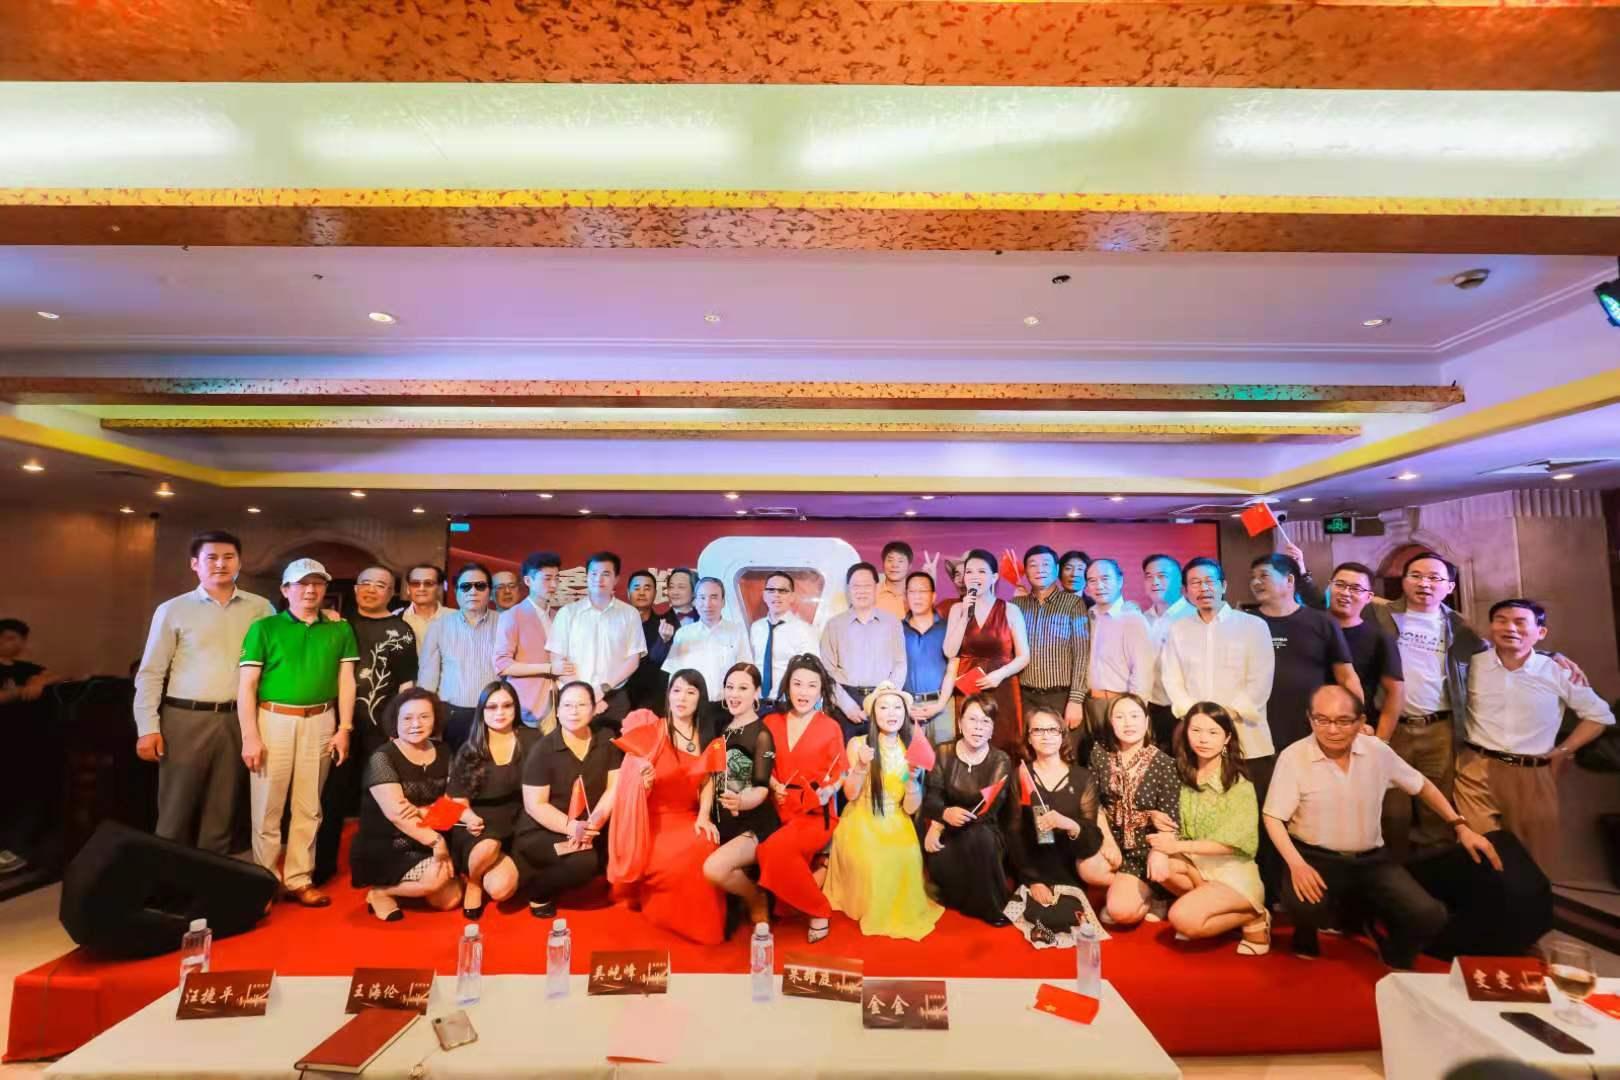 鑫耀盛典暨红色联盟启动仪式在沪成功举办